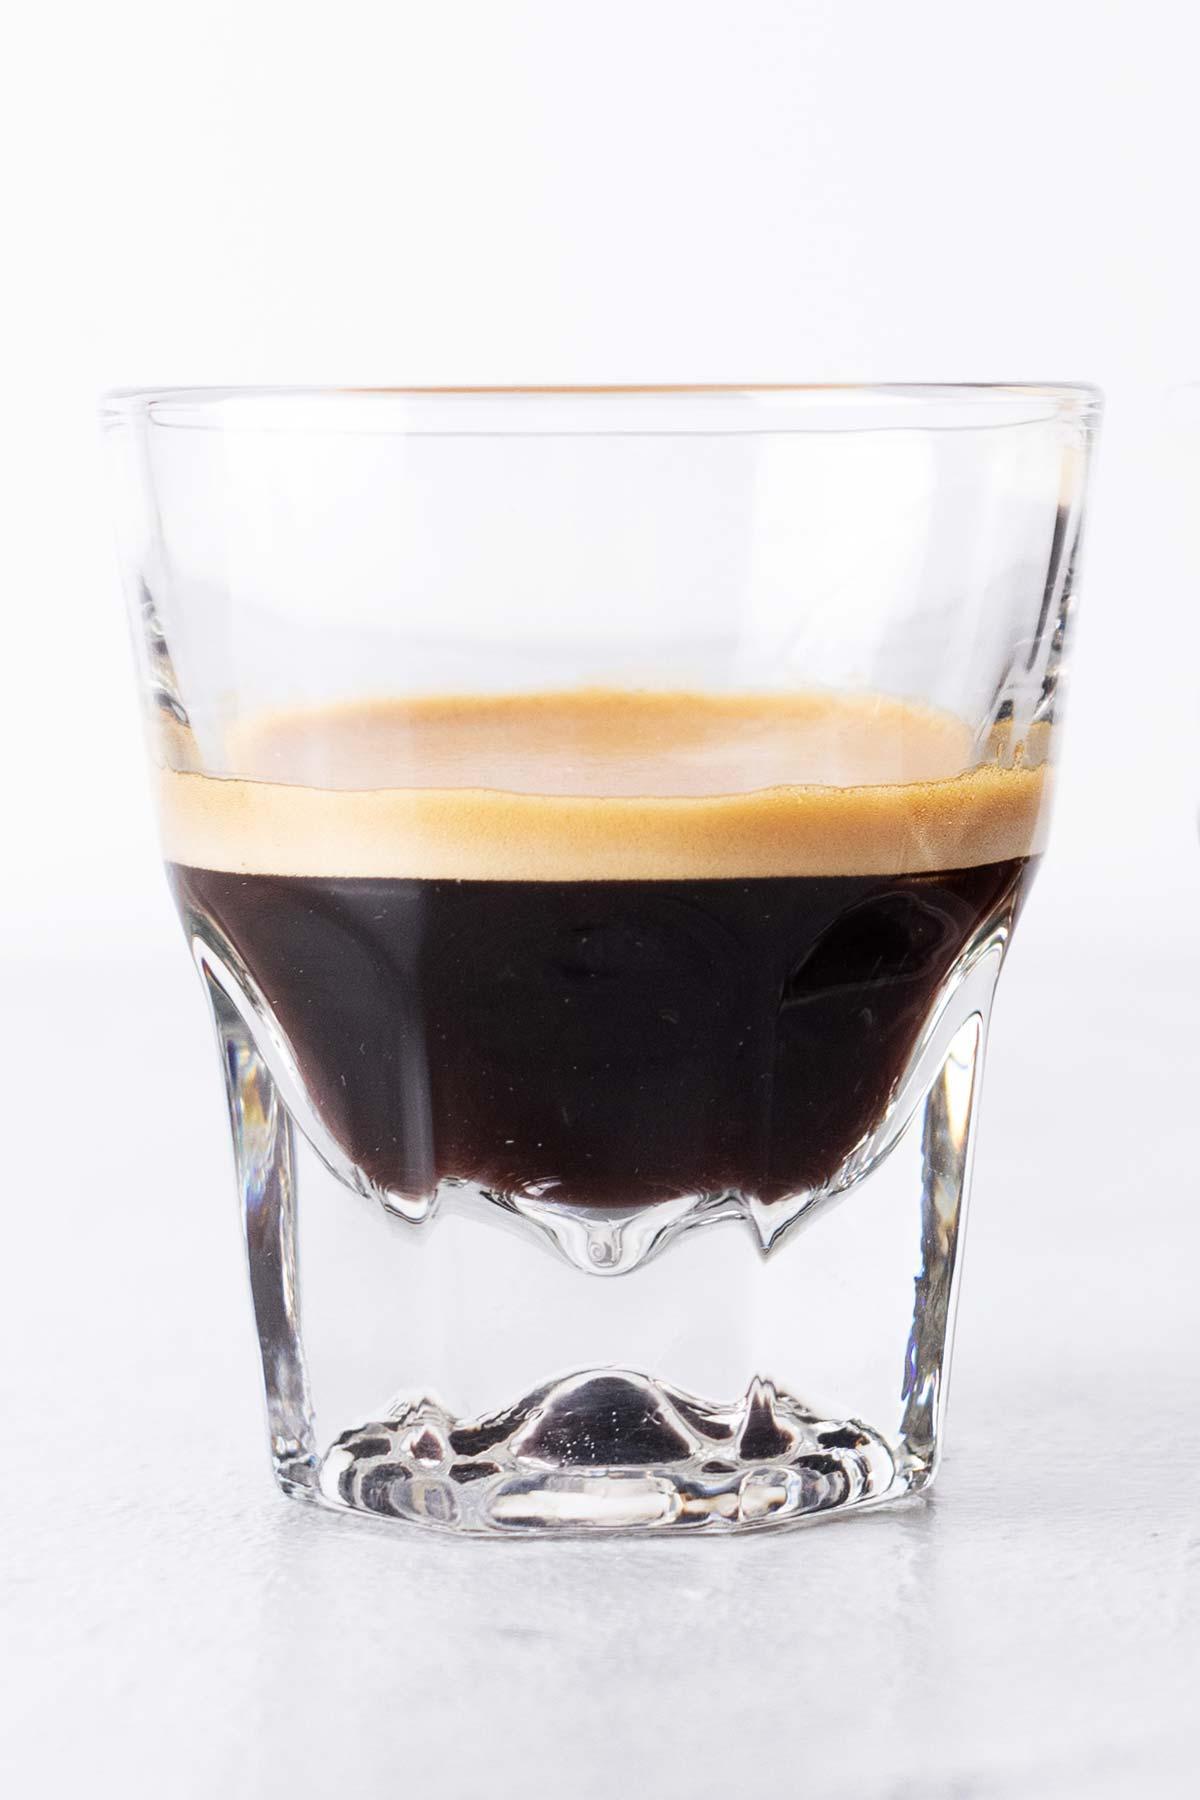 Small glass of espresso with crema.